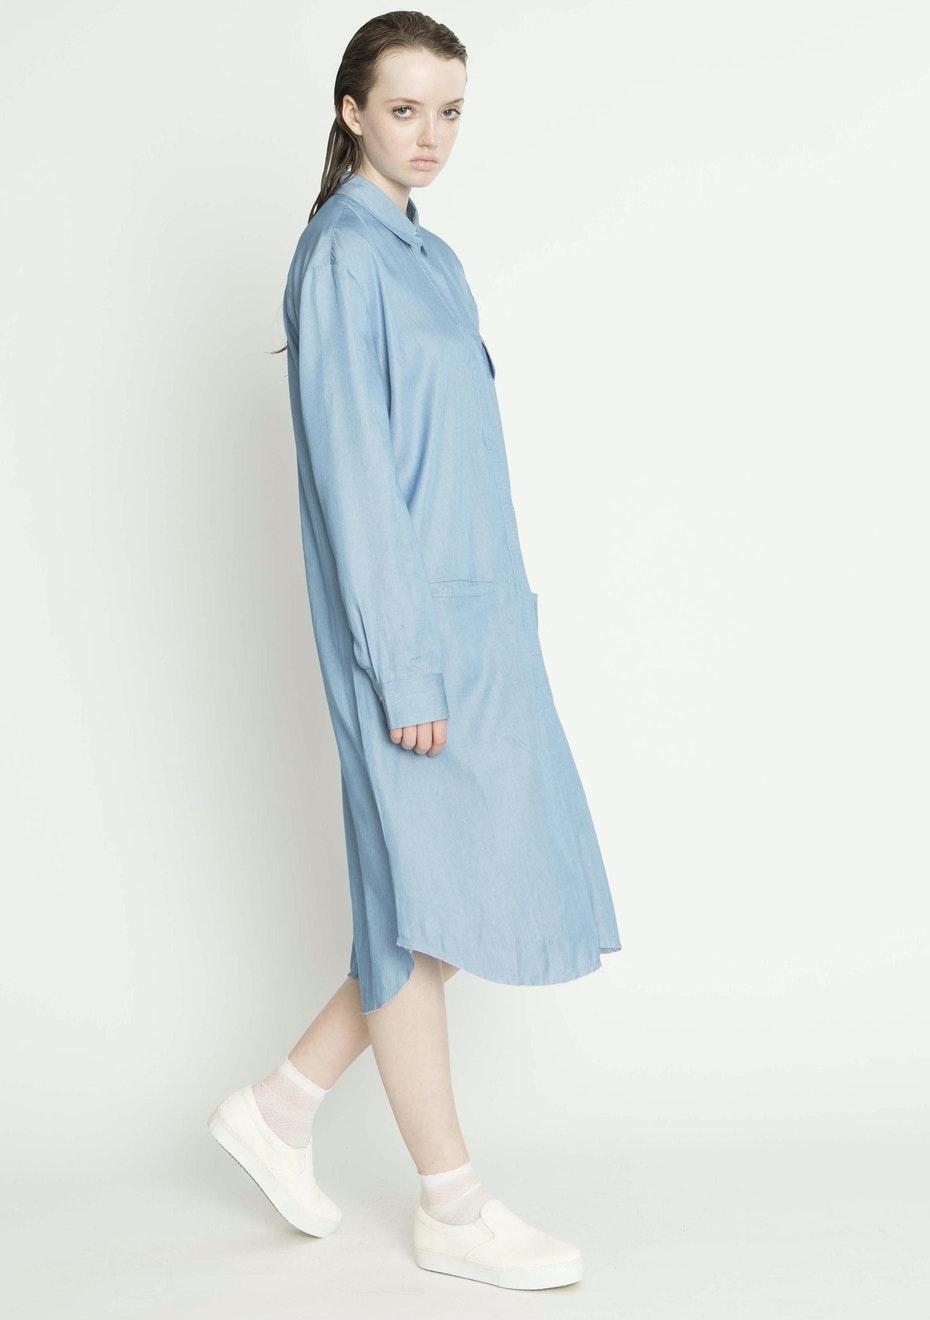 Salasai - RAUCOUS SHIRT DRESS - CHAMBRAY